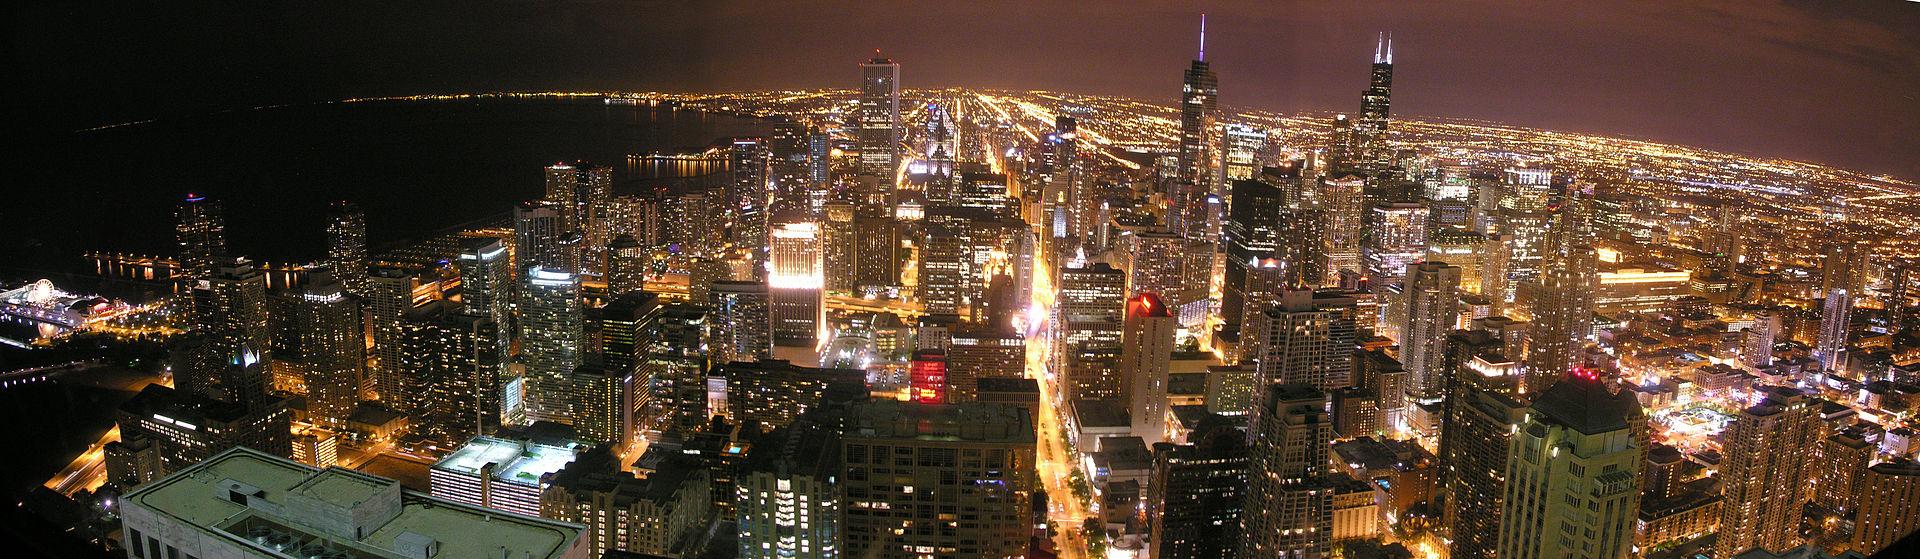 La classifica delle migliori citt del mondo chicago al for Le migliori citta del mondo